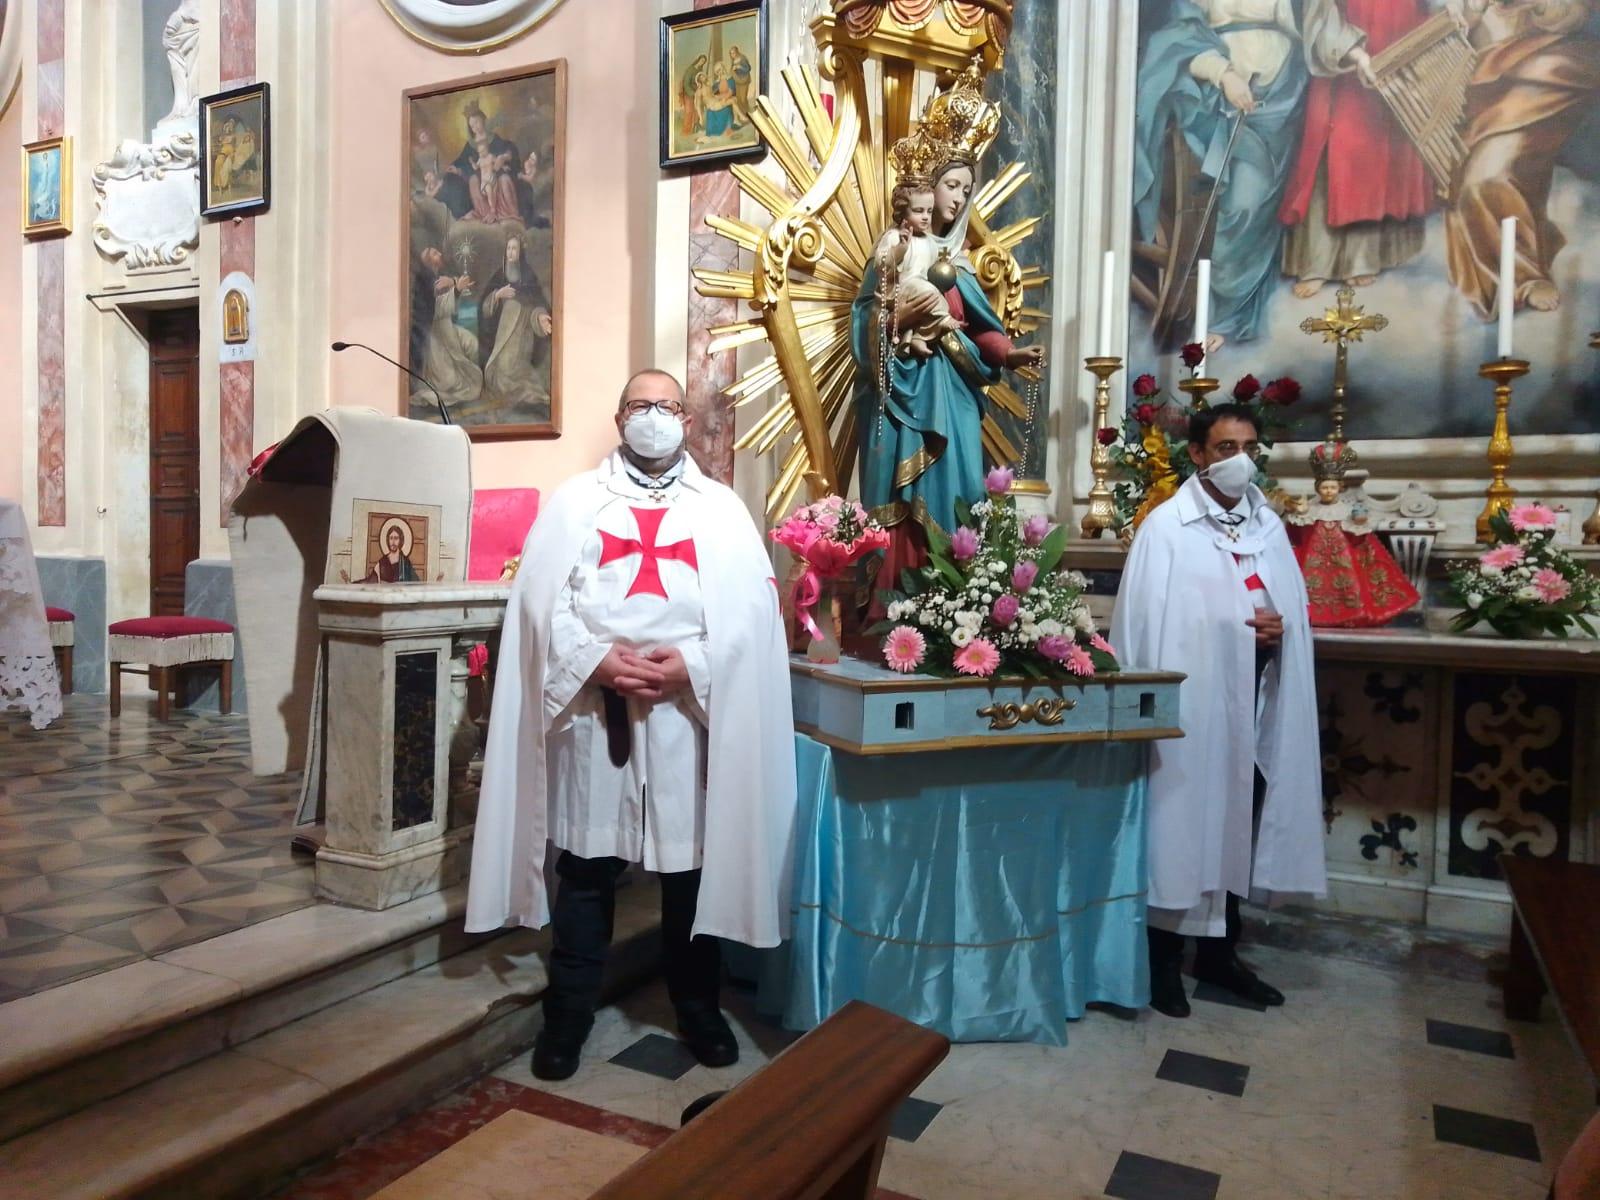 Partecipazione Festività della Madonna del Rosario – Chiesa San Tommaso Becket – Pallerone – Aulla (MS) 03.10.2021